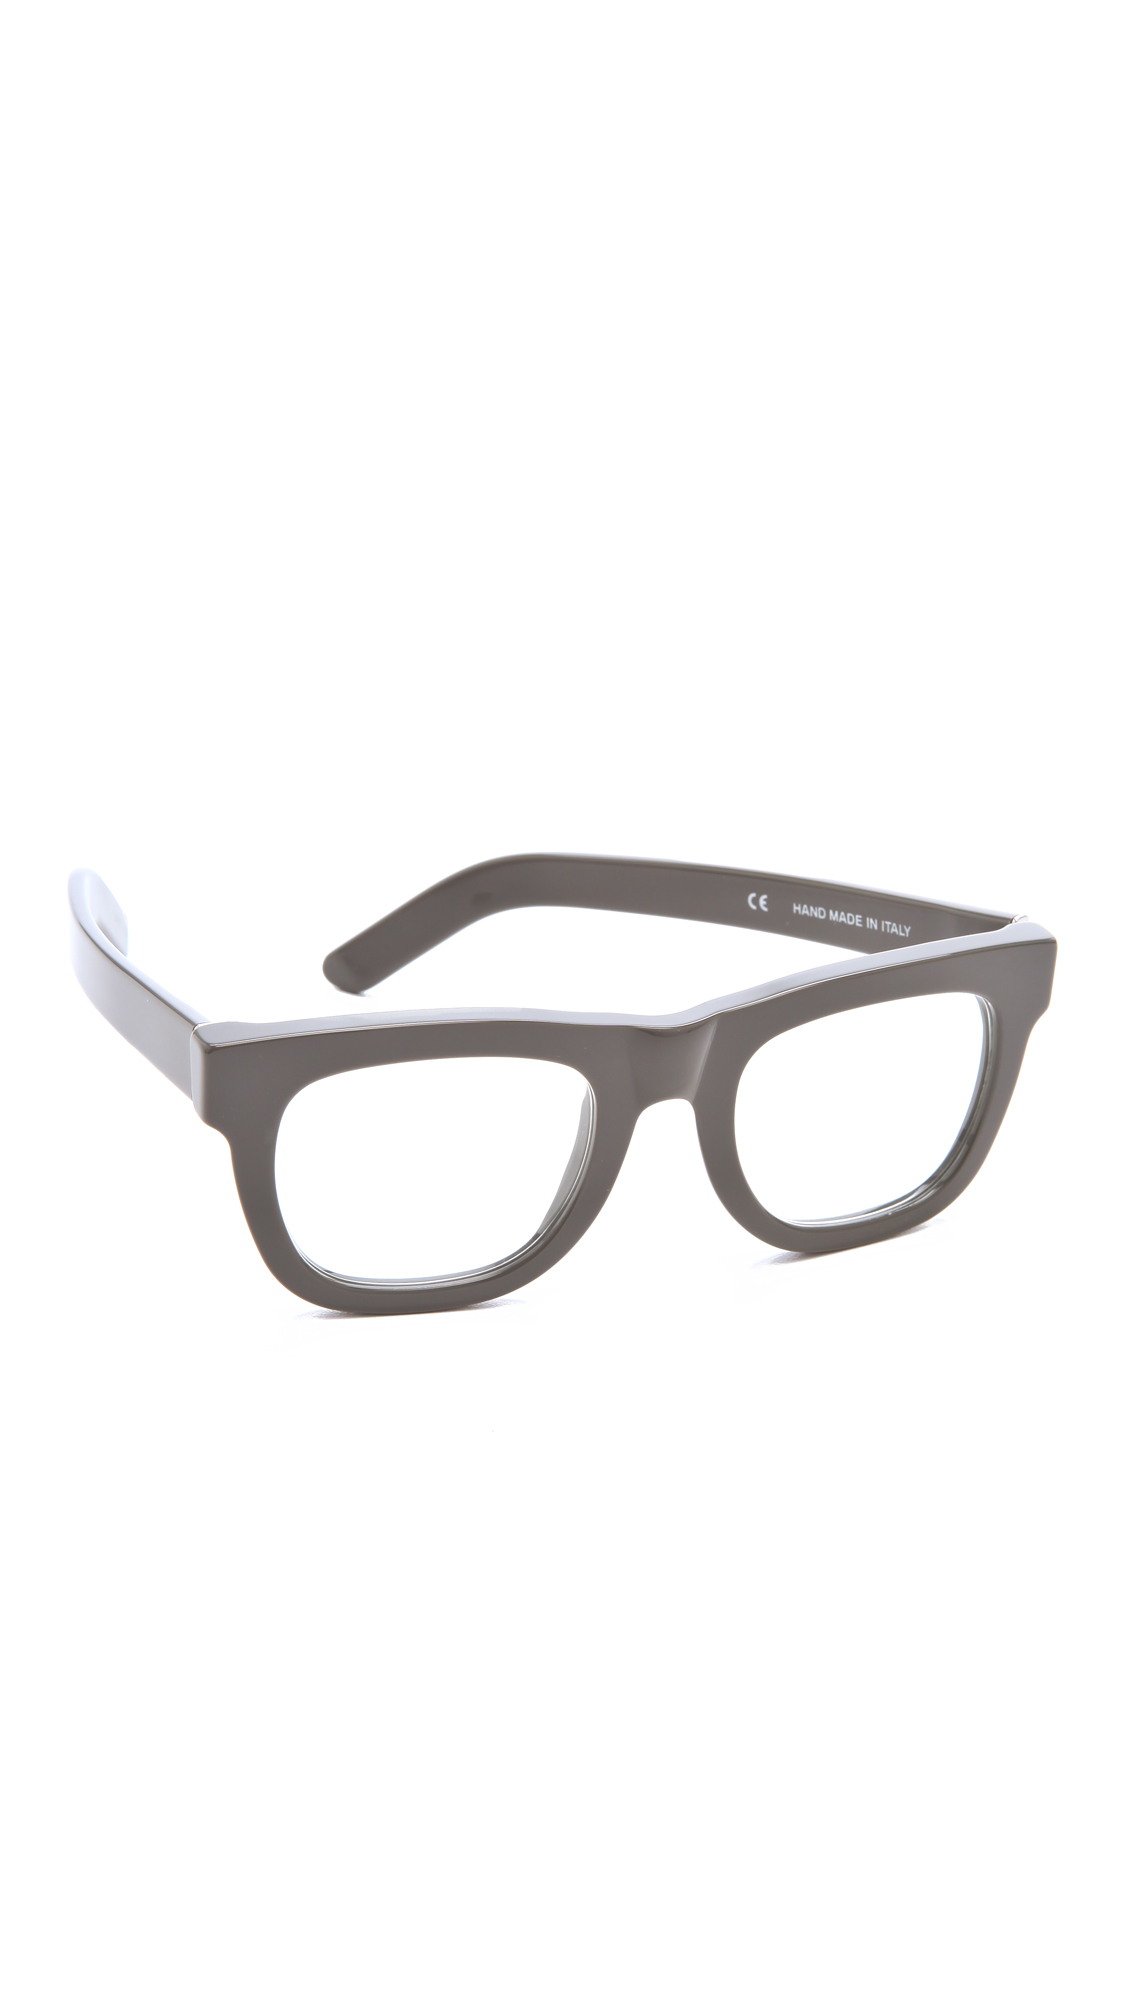 c340044dc90 Super Sunglasses Ciccio Glasses on PopScreen